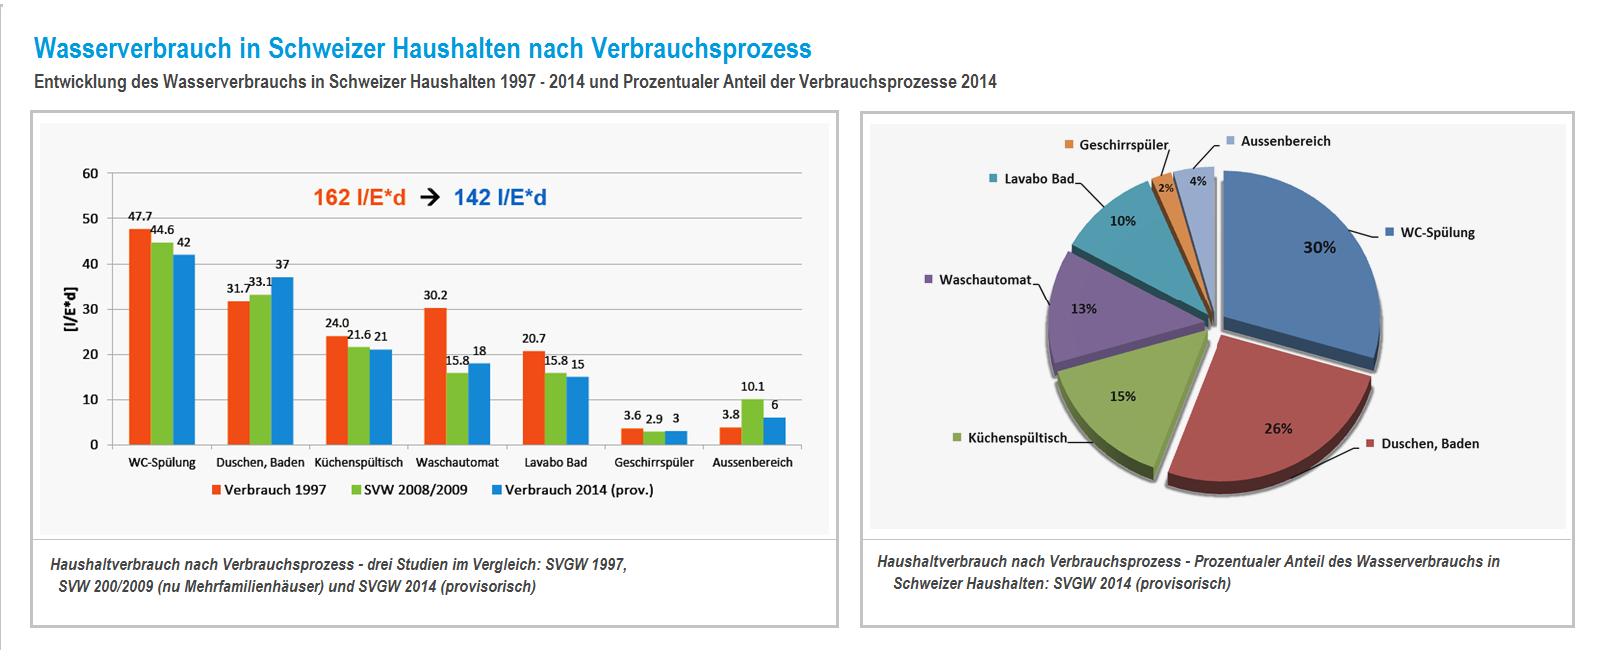 Kuchen- und Stabdiagramm zu Wasserverbrauch in Schweizer Haushalten nach Verbrauchsprozess